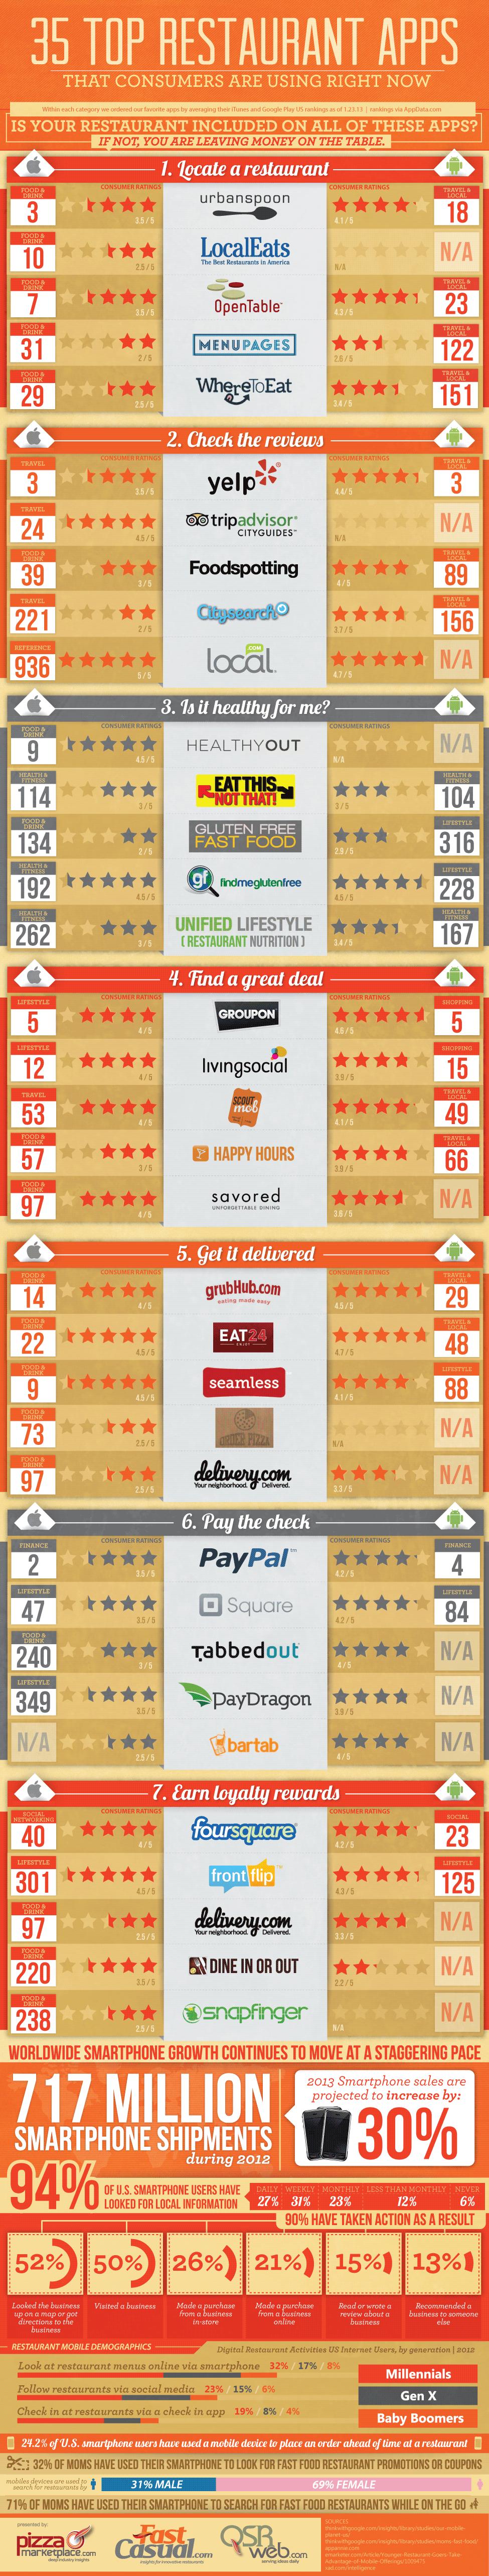 35 Top Aplicaciones para restaurantes